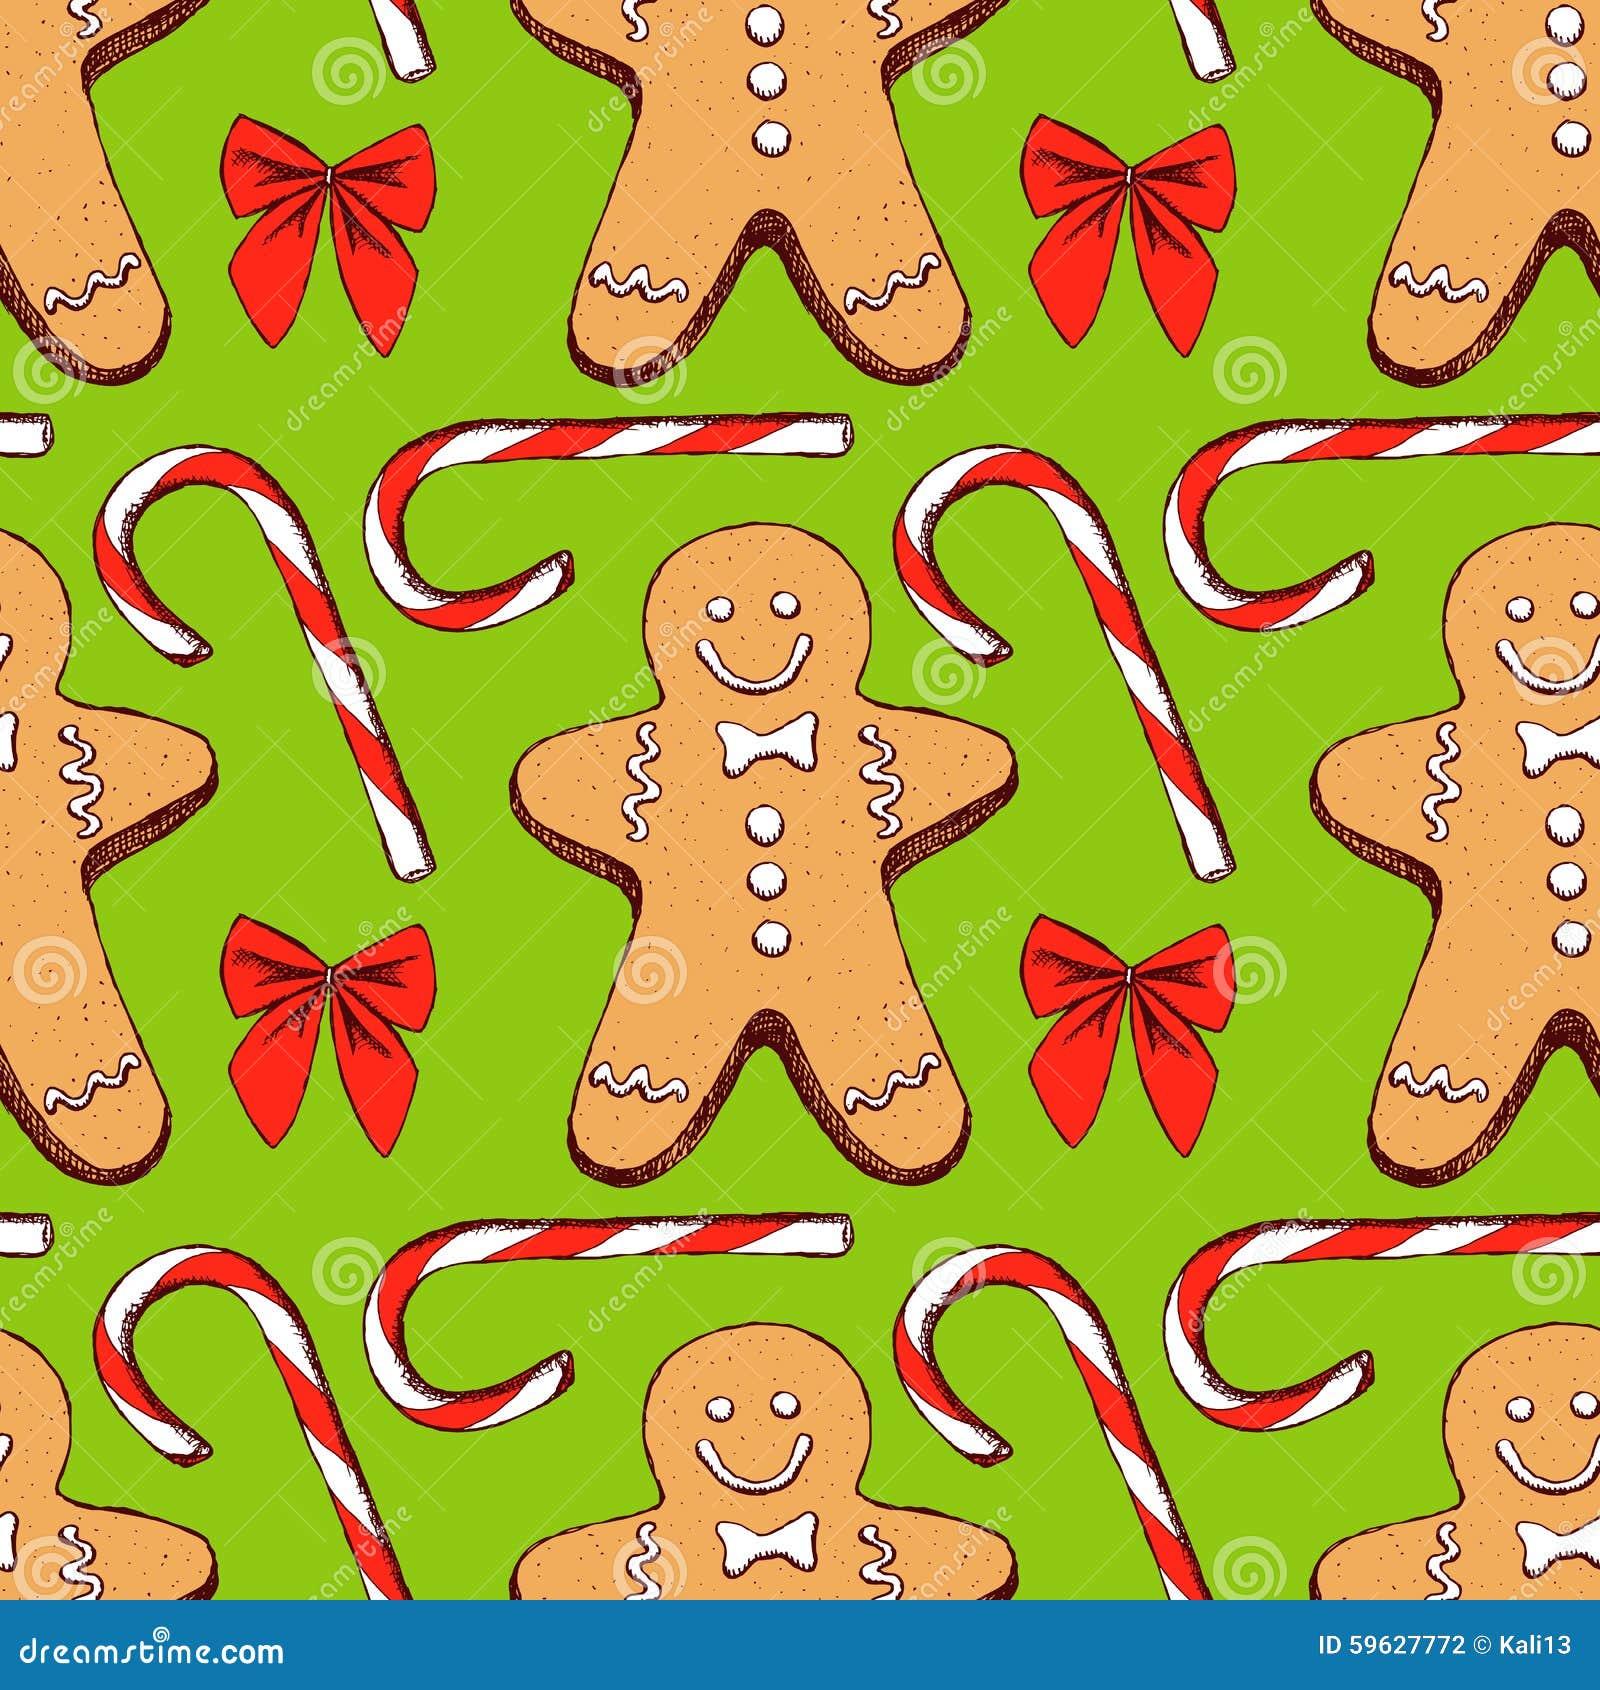 Skizzen-Weihnachten vektor abbildung. Illustration von leute - 59627772